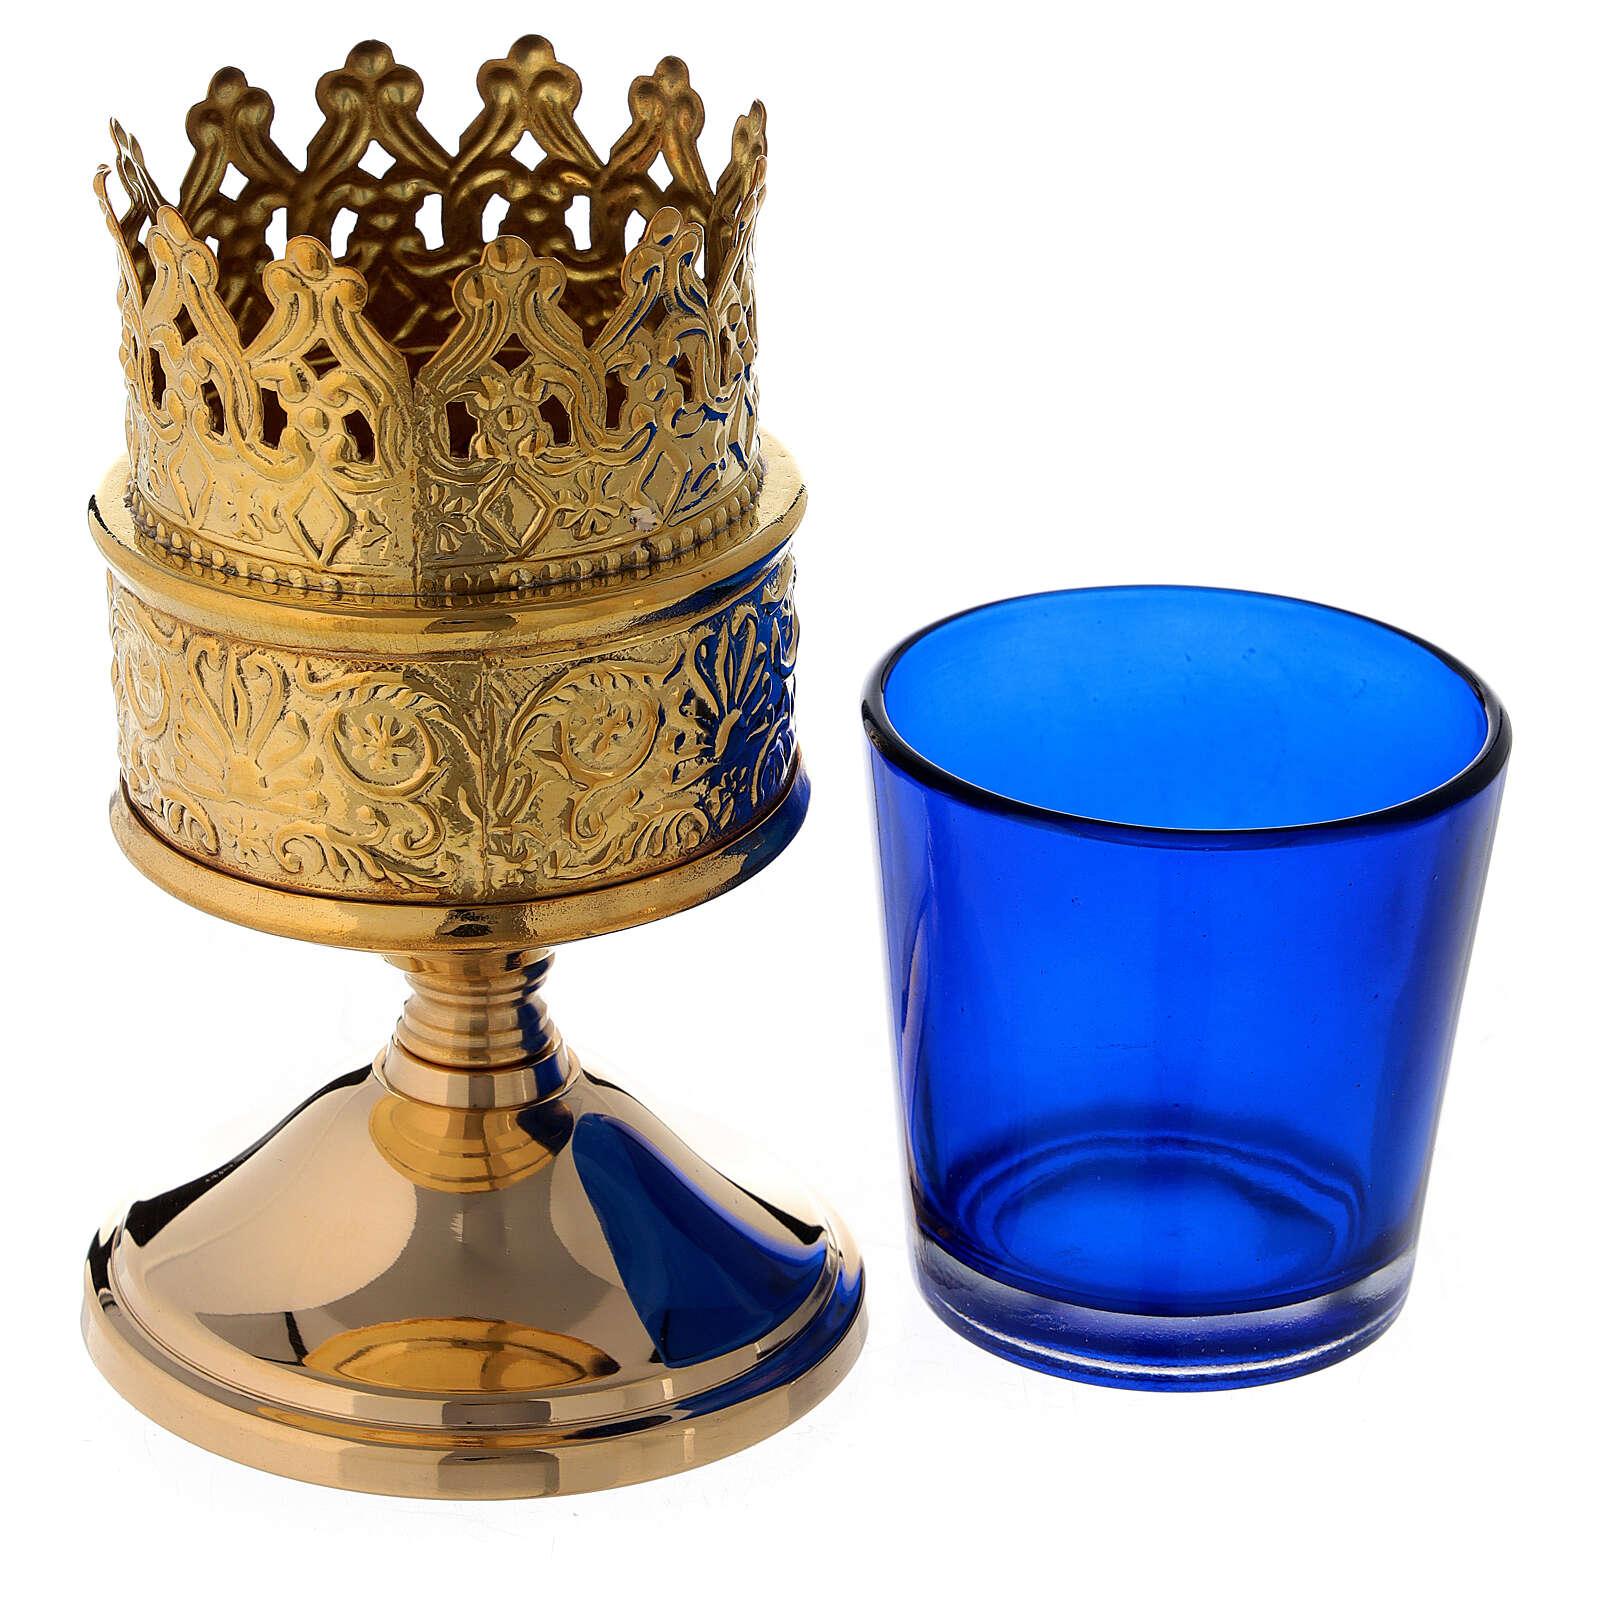 Lanterna da tabernacolo vetro blu ottone dorato altezza 13 cm 3